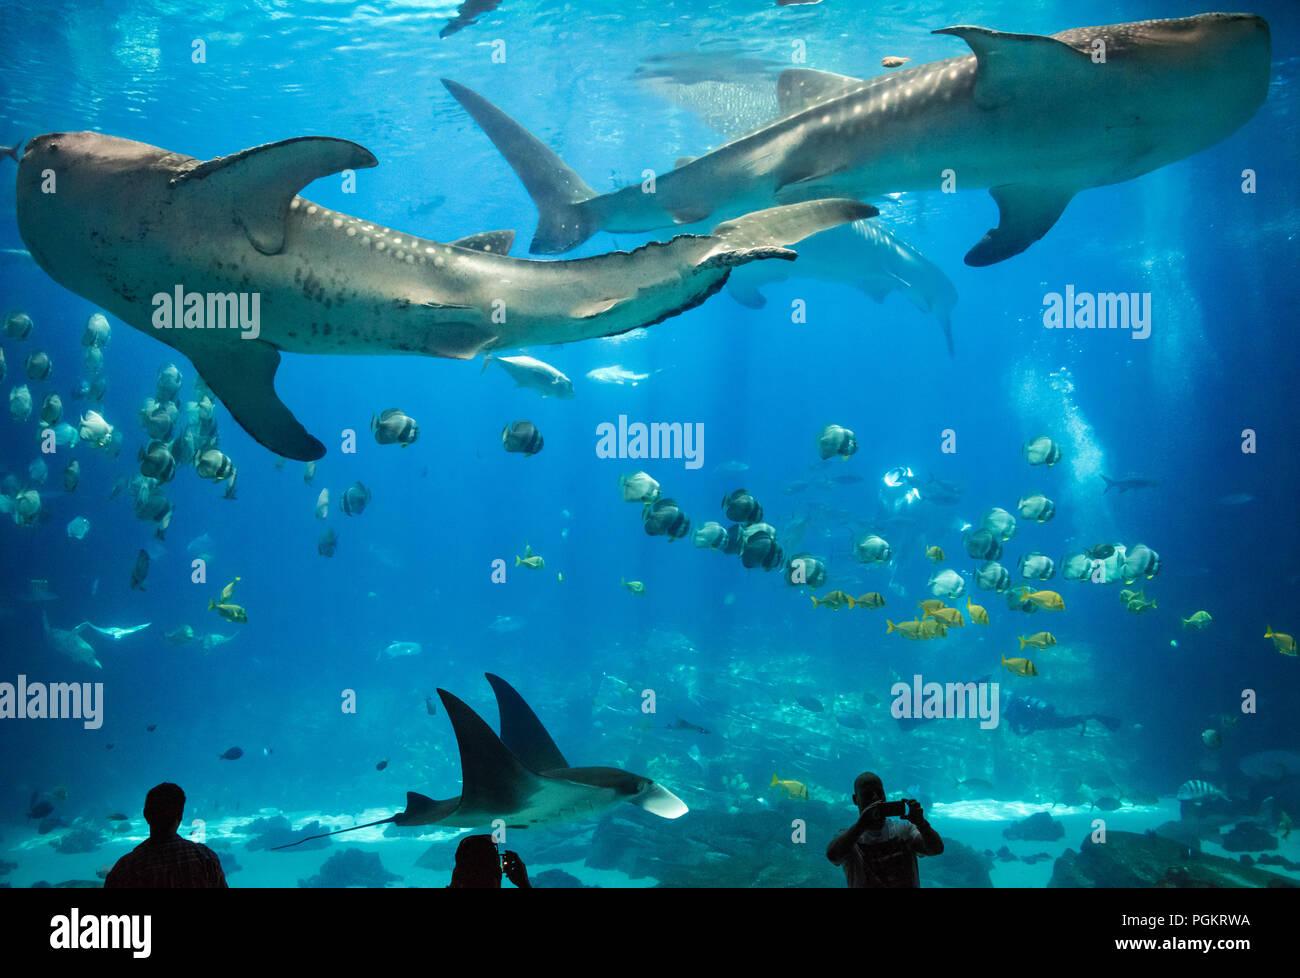 Atlanta, Georgia Aquarium donne aux visiteurs une vue sous-marine à couper le souffle comme les requins-baleines massive et une raie manta nage avec deux plongeurs. Photo Stock